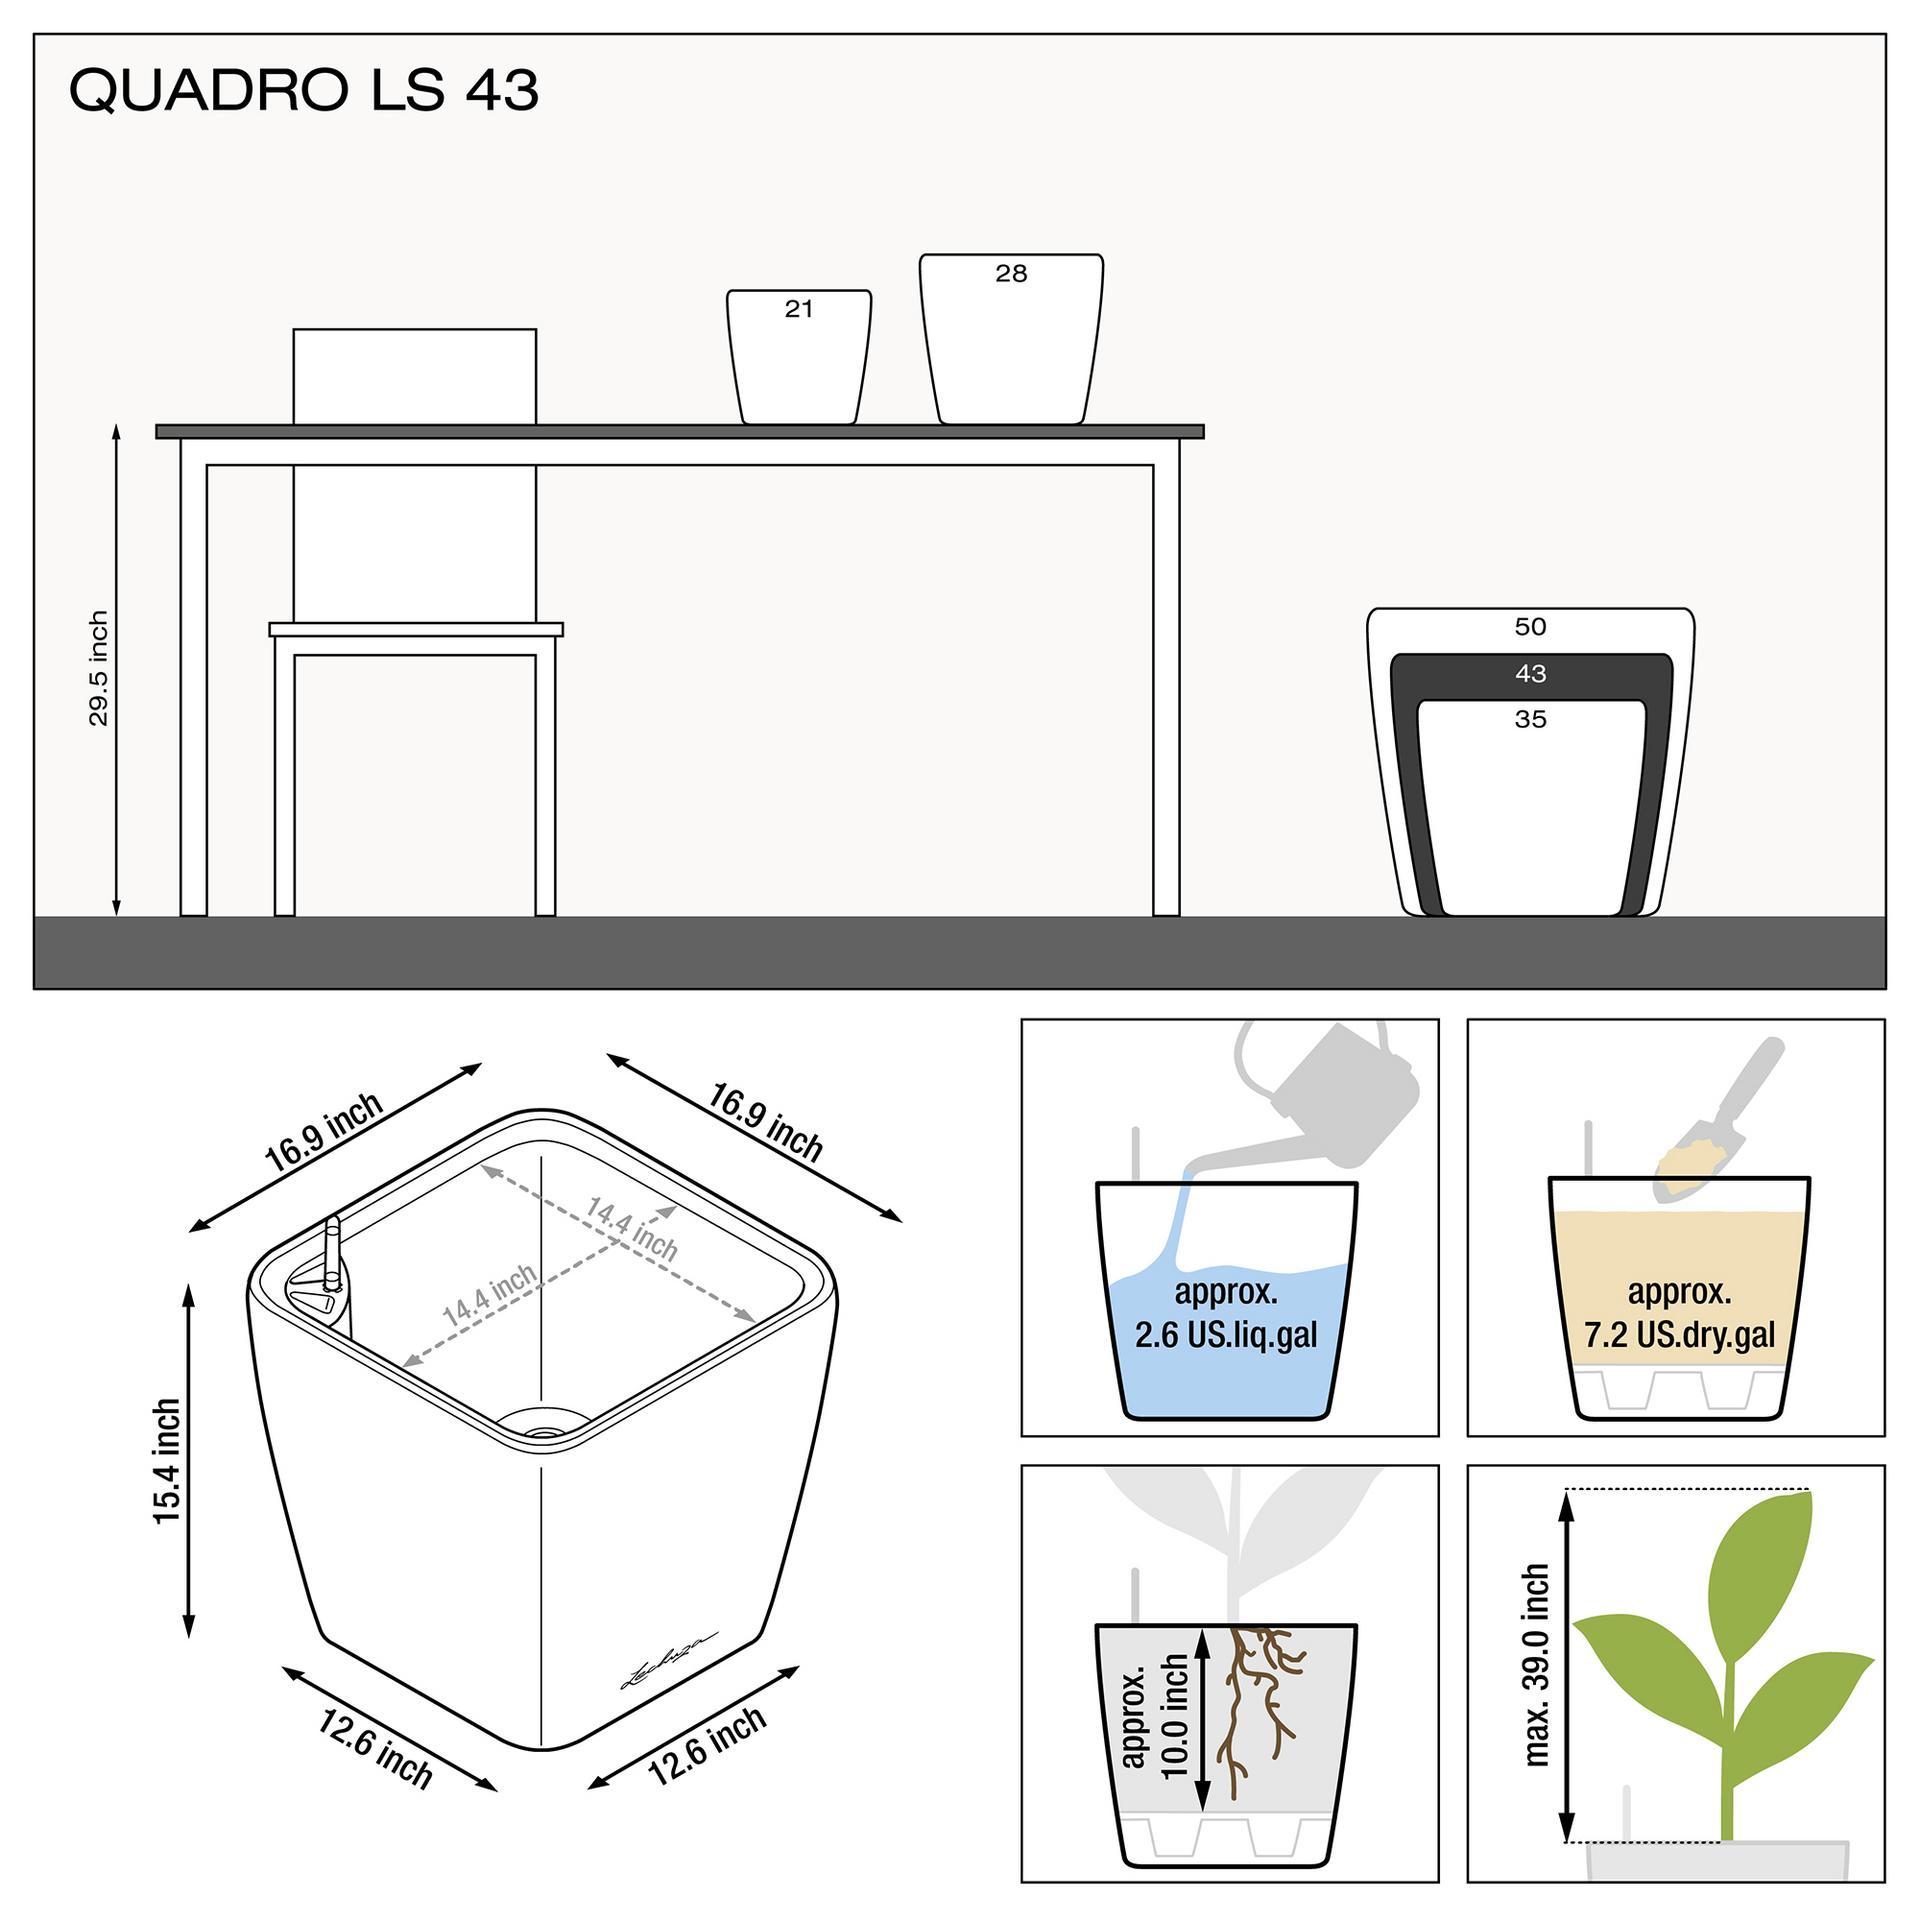 le_quadro-ls43_product_addi_nz_us